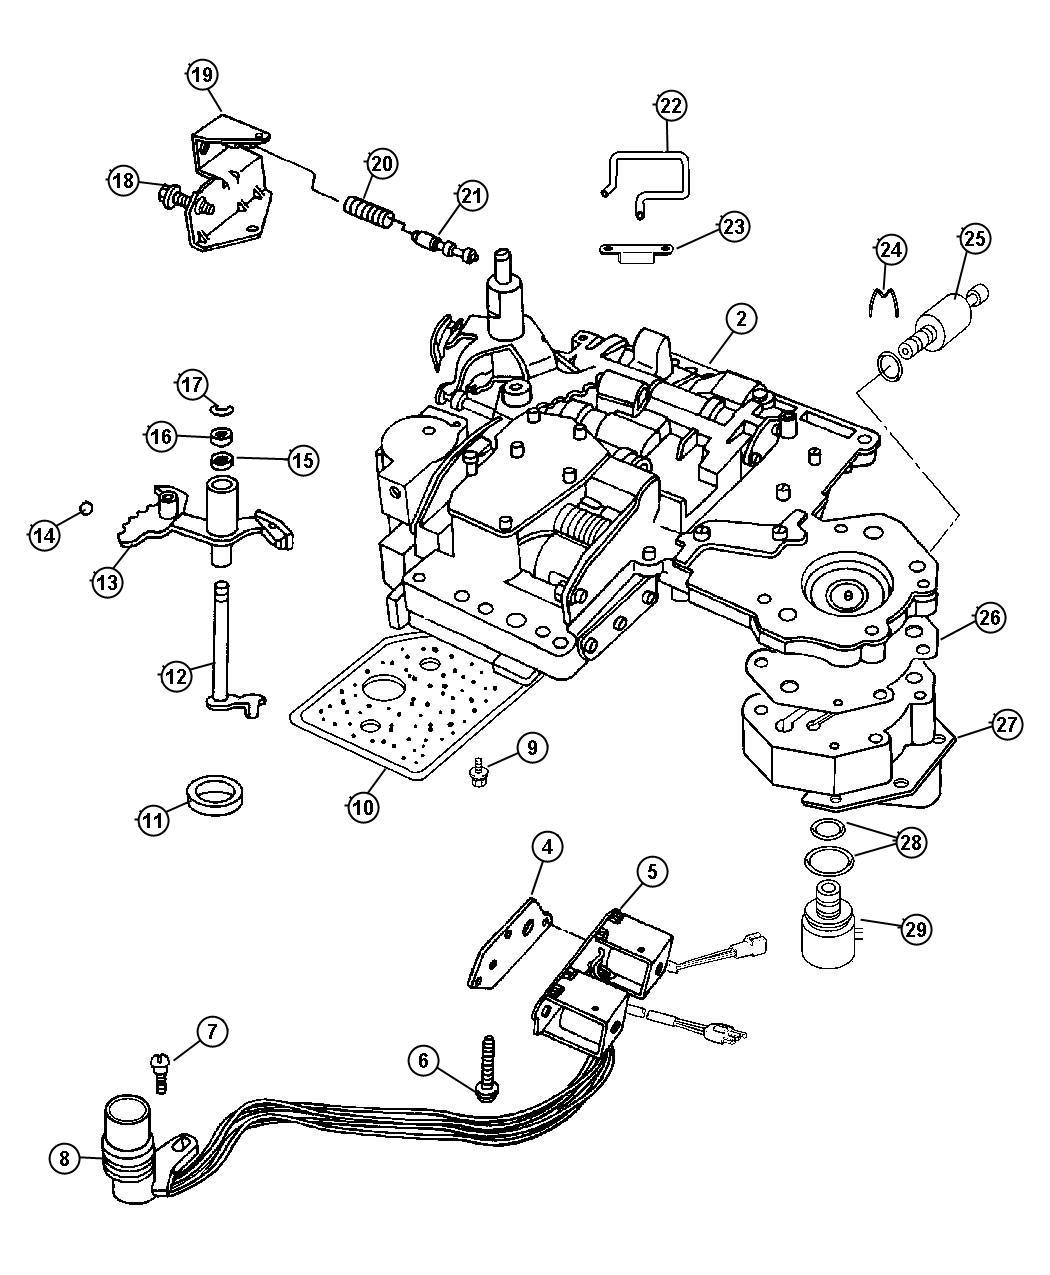 Dodge Ram 1500 Solenoid. Transmission overdrive